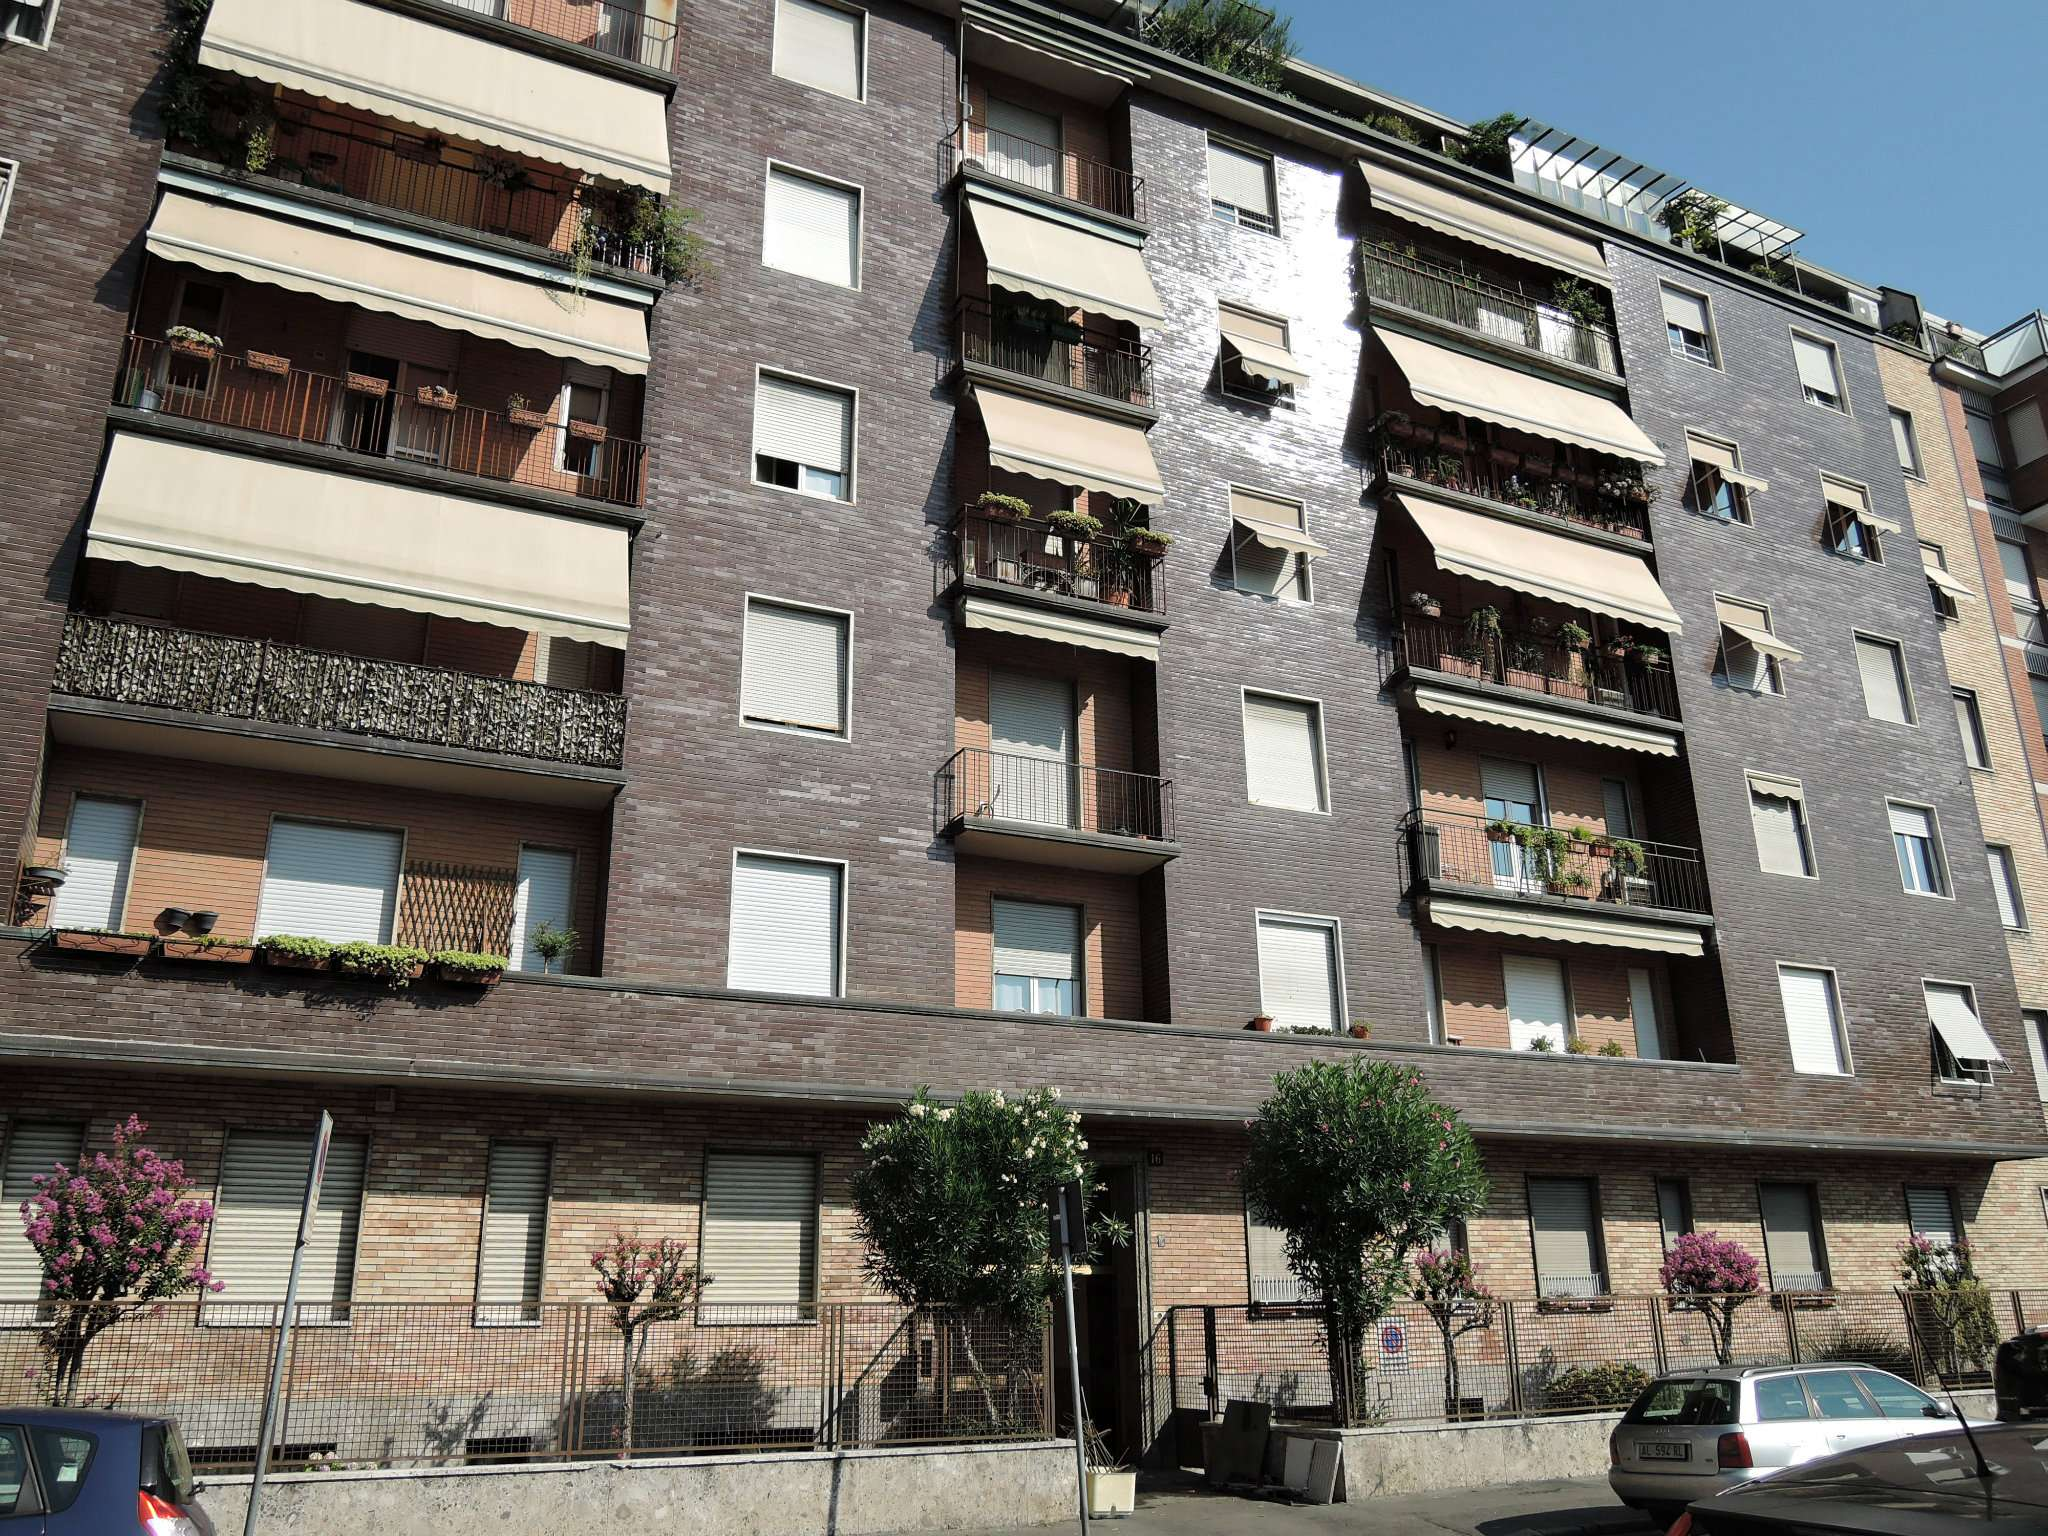 Appartamento in affitto a Milano, 2 locali, zona Zona: 15 . Fiera, Firenze, Sempione, Pagano, Amendola, Paolo Sarpi, Arena, prezzo € 920 | CambioCasa.it